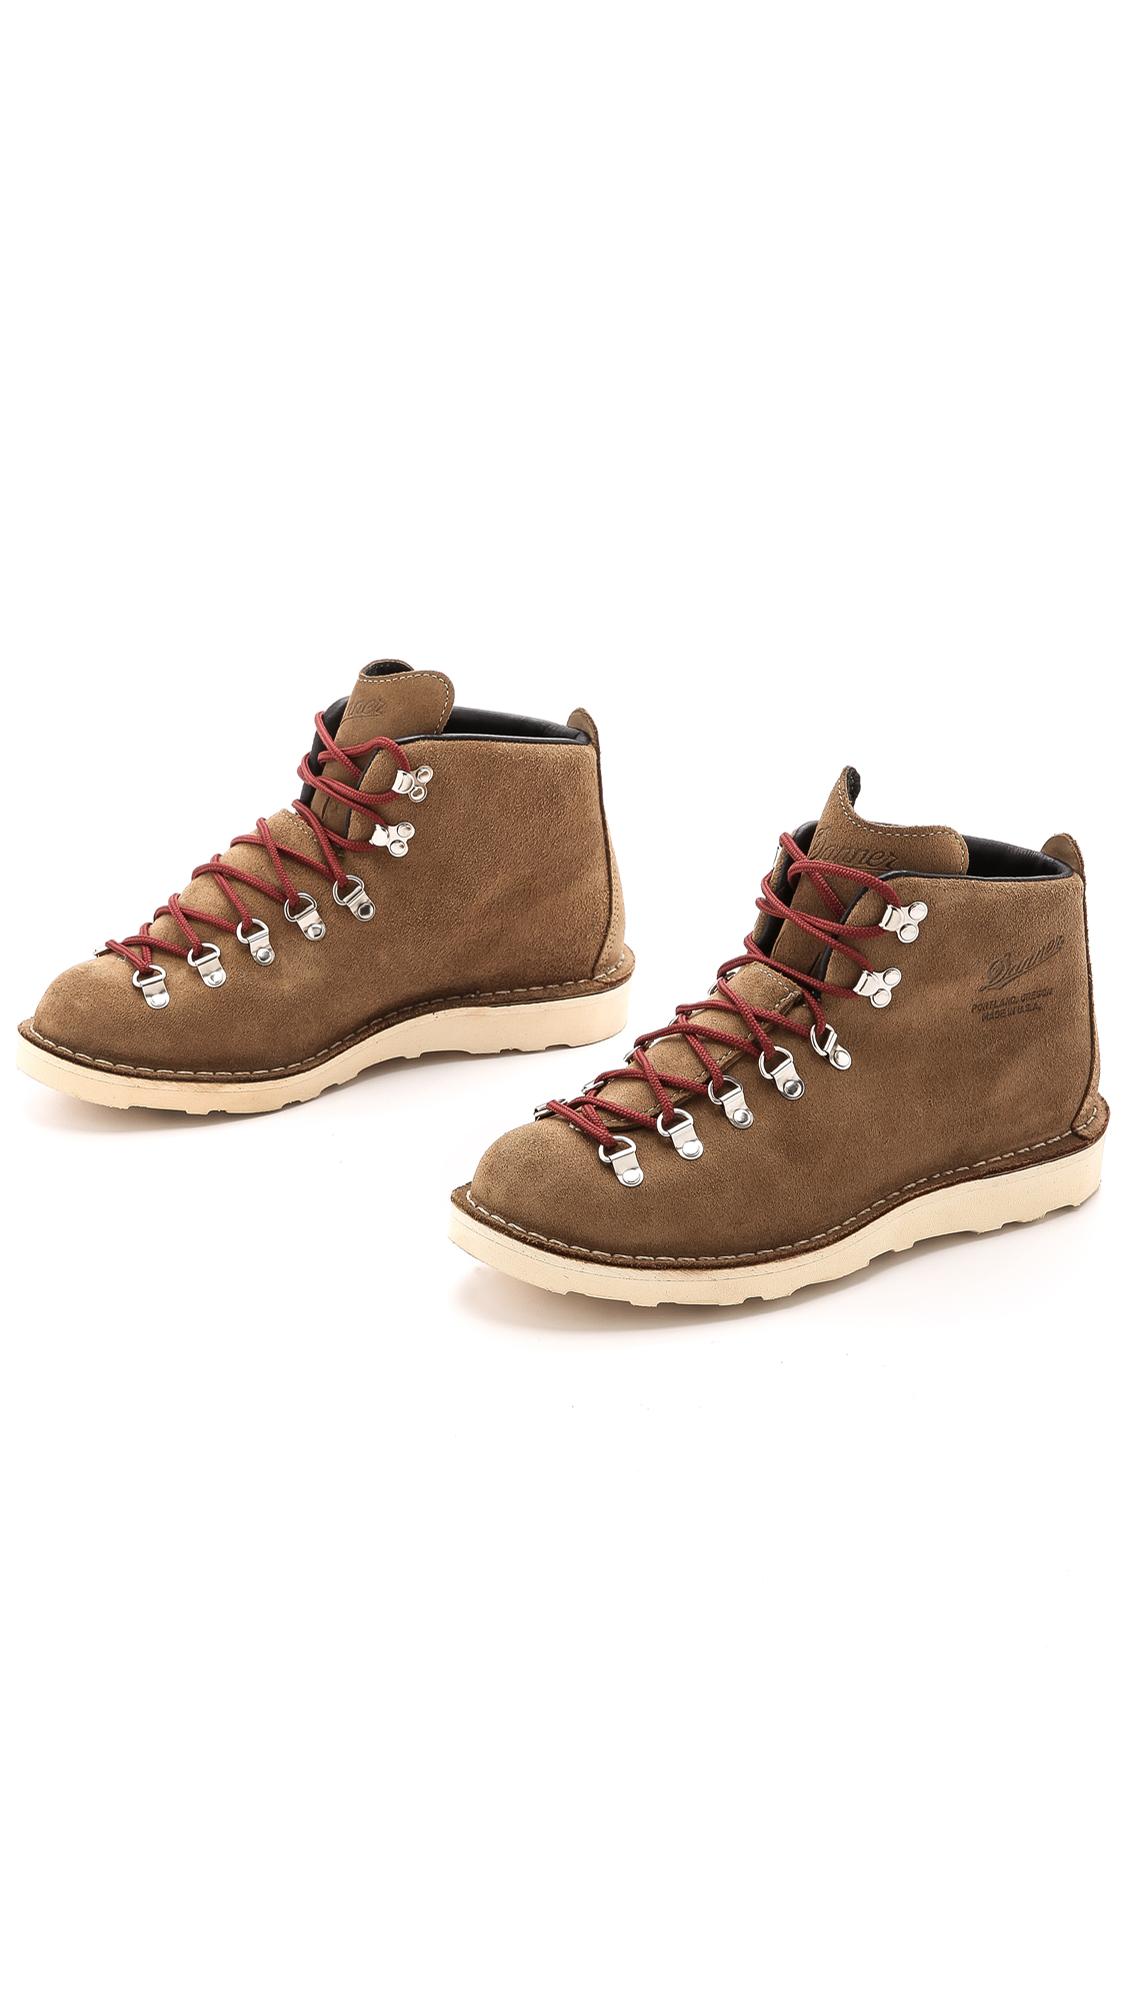 Danner Mountain Light Overton Boots | EAST DANE